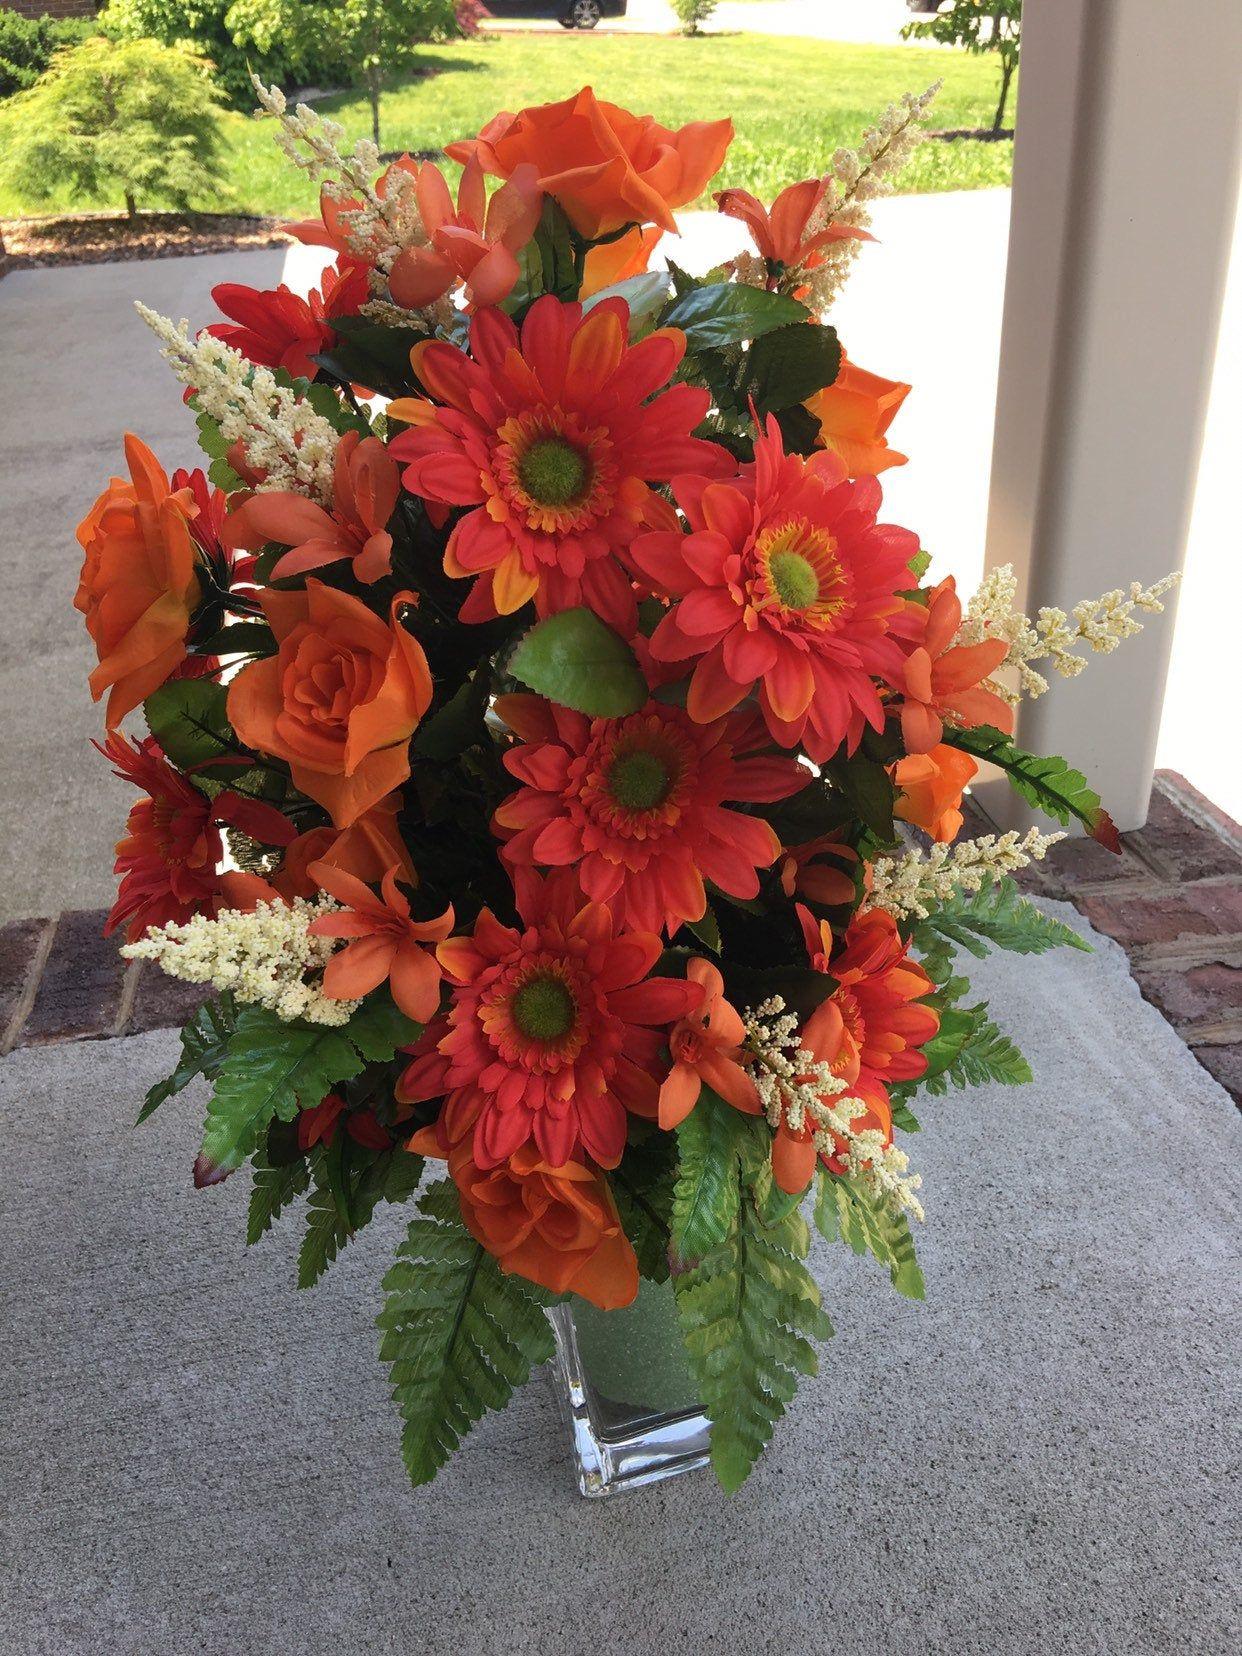 Cemetery flowerstyrofoam vase insertmemorial flower